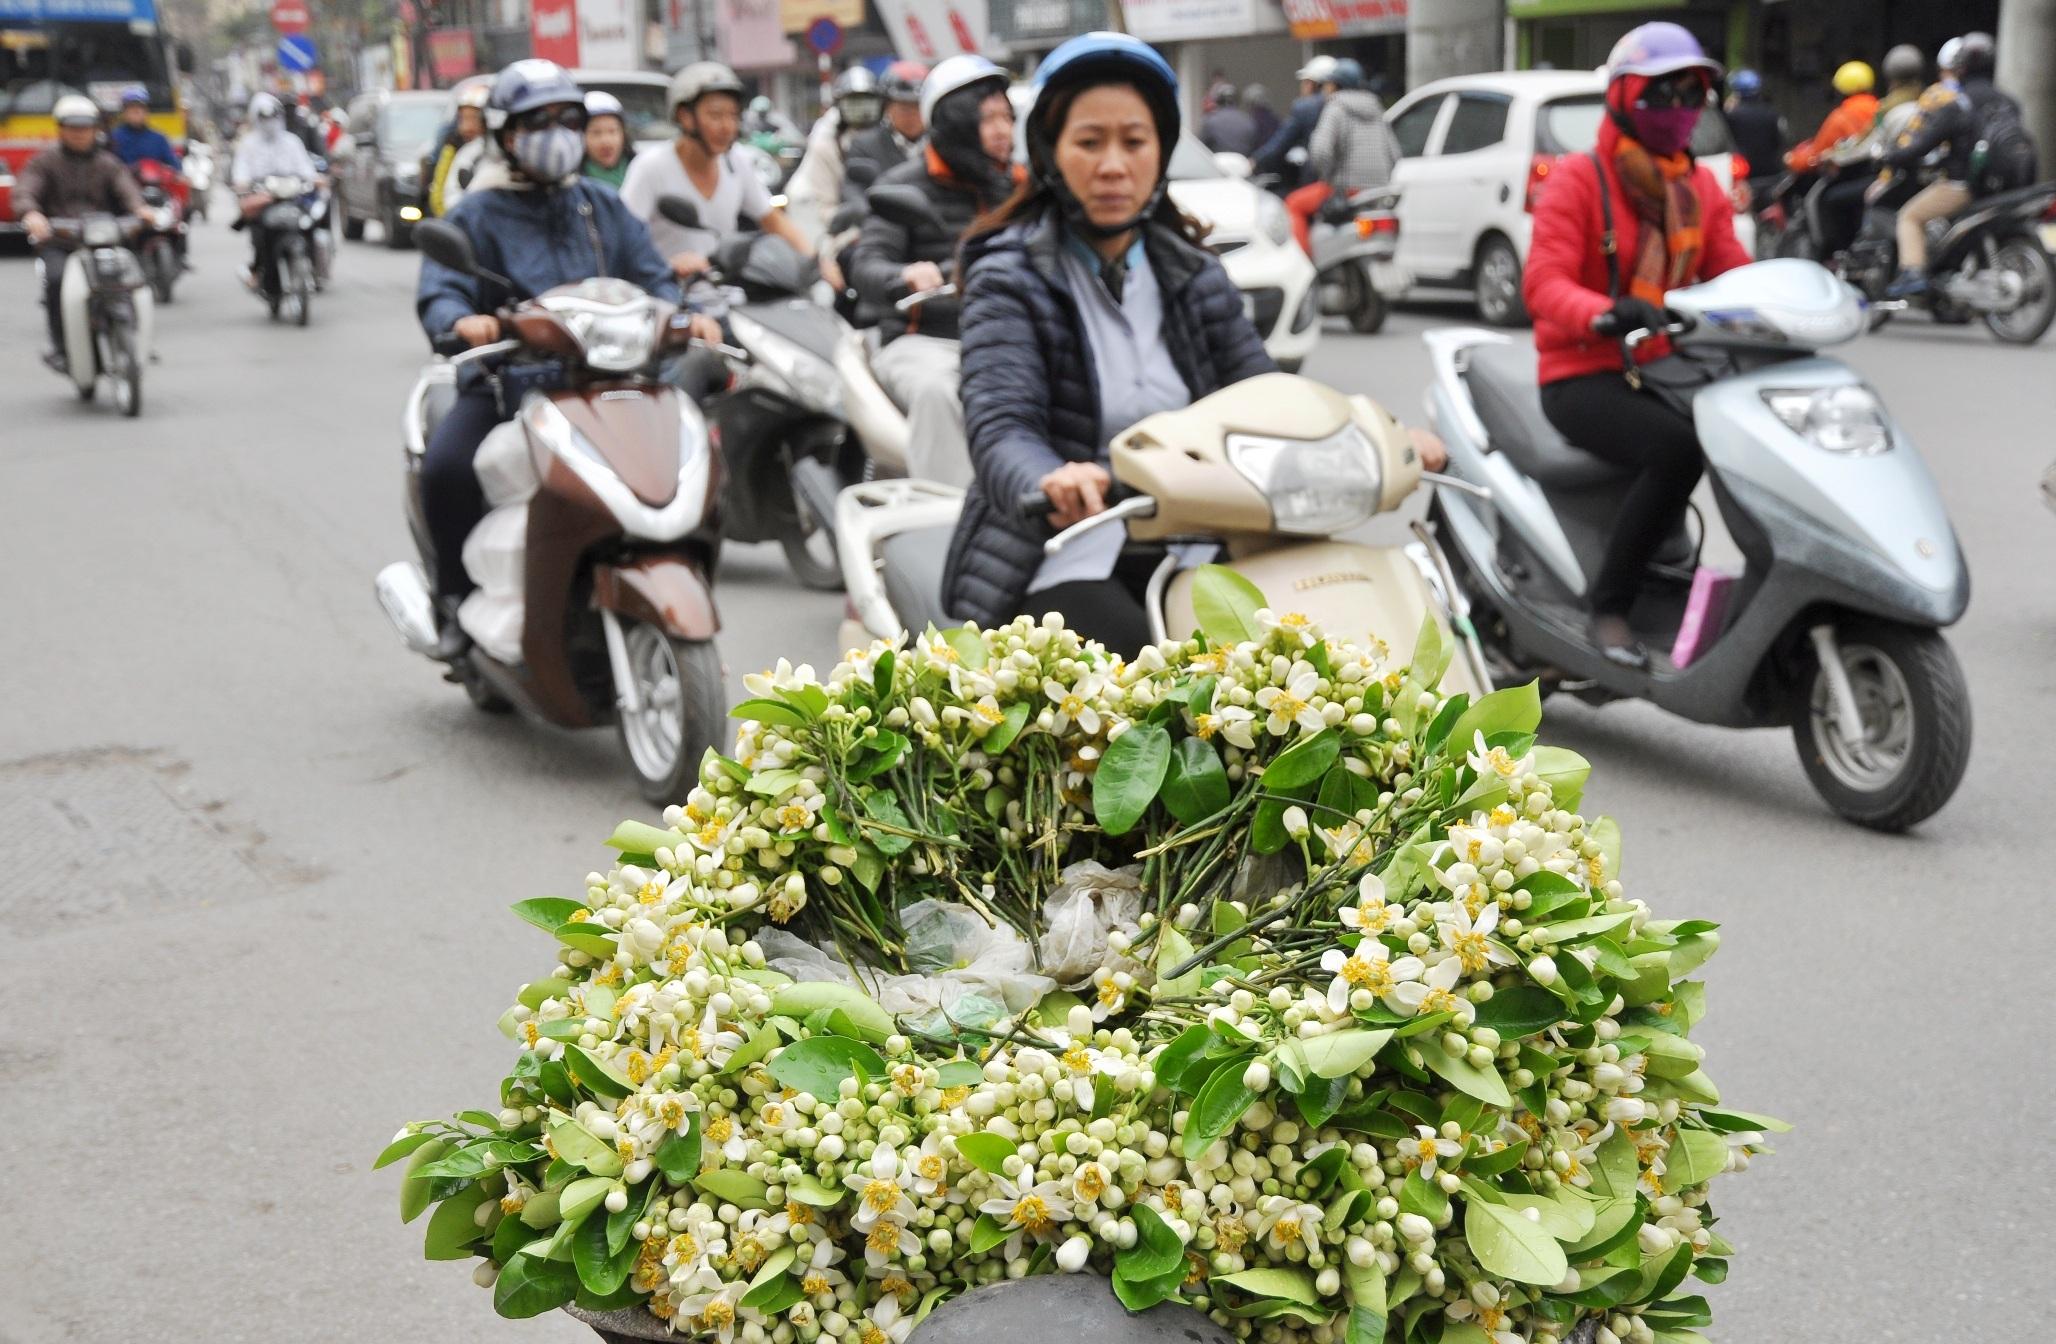 Hoa bưởi được bán nhiều nhất trên những con phố như: Giảng Võ, Đồng Xuân, Nghĩa Tân... Để lựa được những cánh hoa đẹp nhất, người bán phải thức dậy từ sáng sớm, khi những giọt sương vẫn con e ấp trên những cánh hoa, sau đó bó lại thành từng chùm mang ra chợ bán